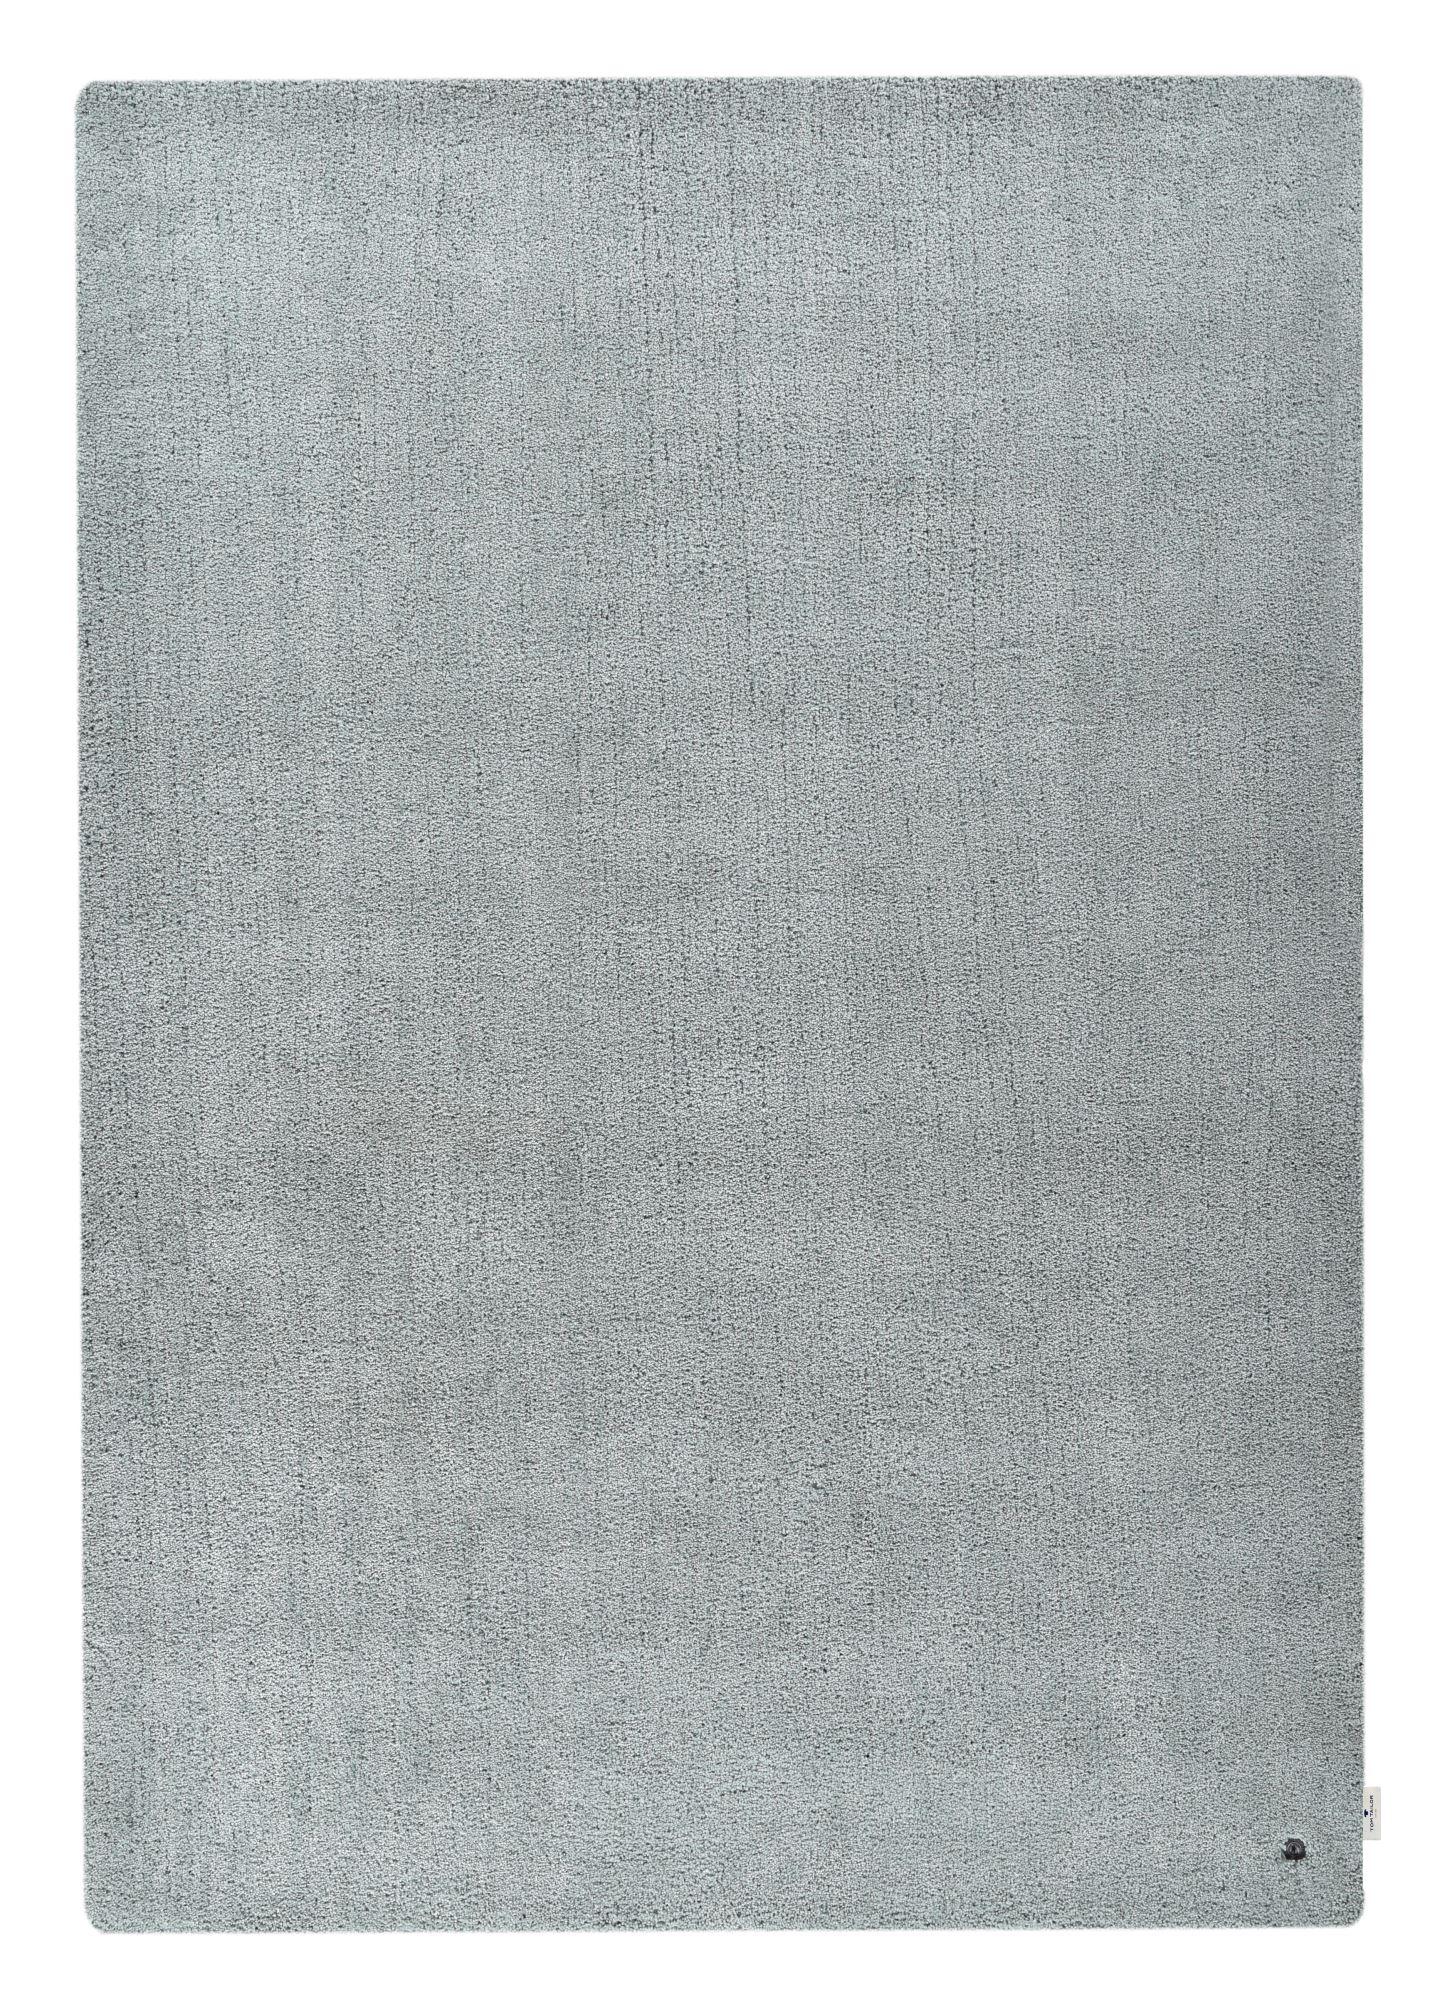 Tapis shaggy - tufté à la main - en polyester - menthe 50x80 cm